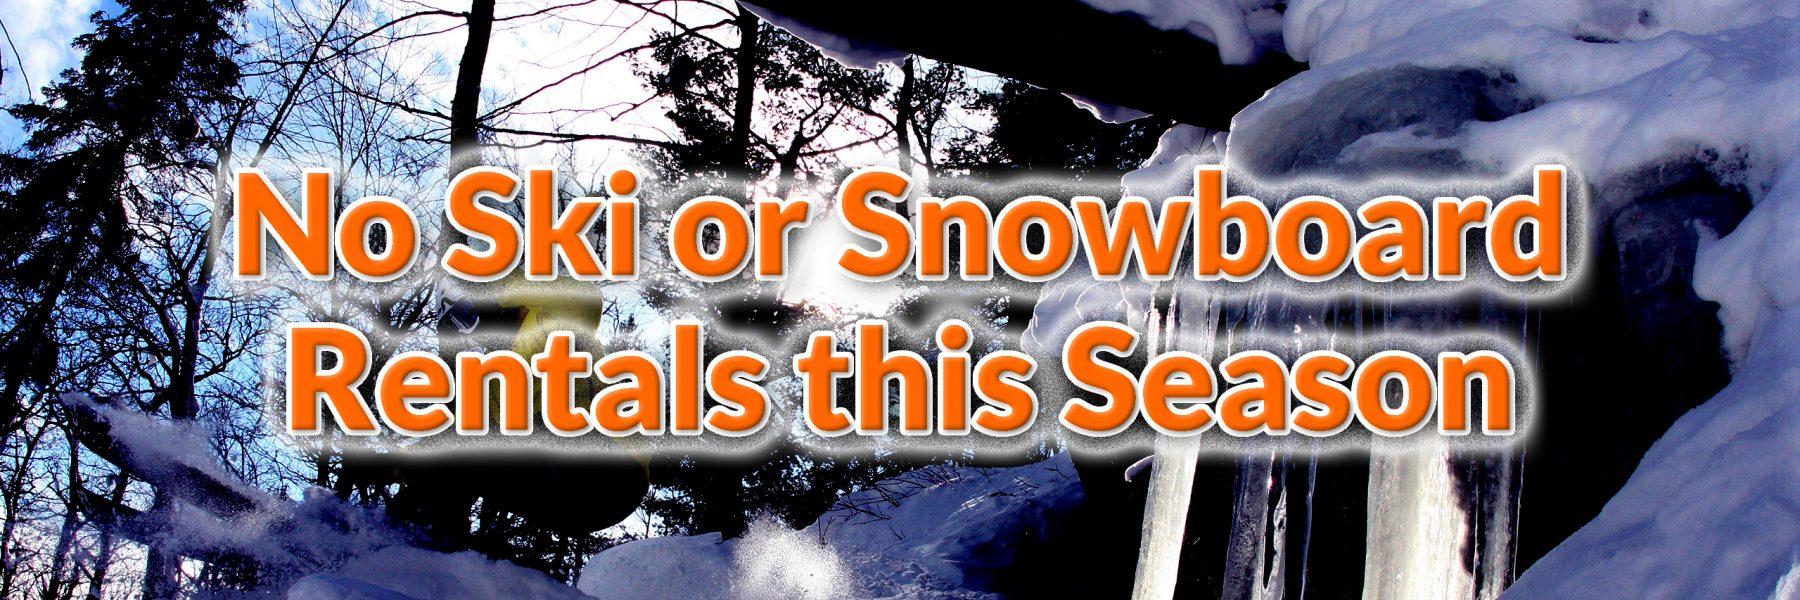 no ski snowboard rentals